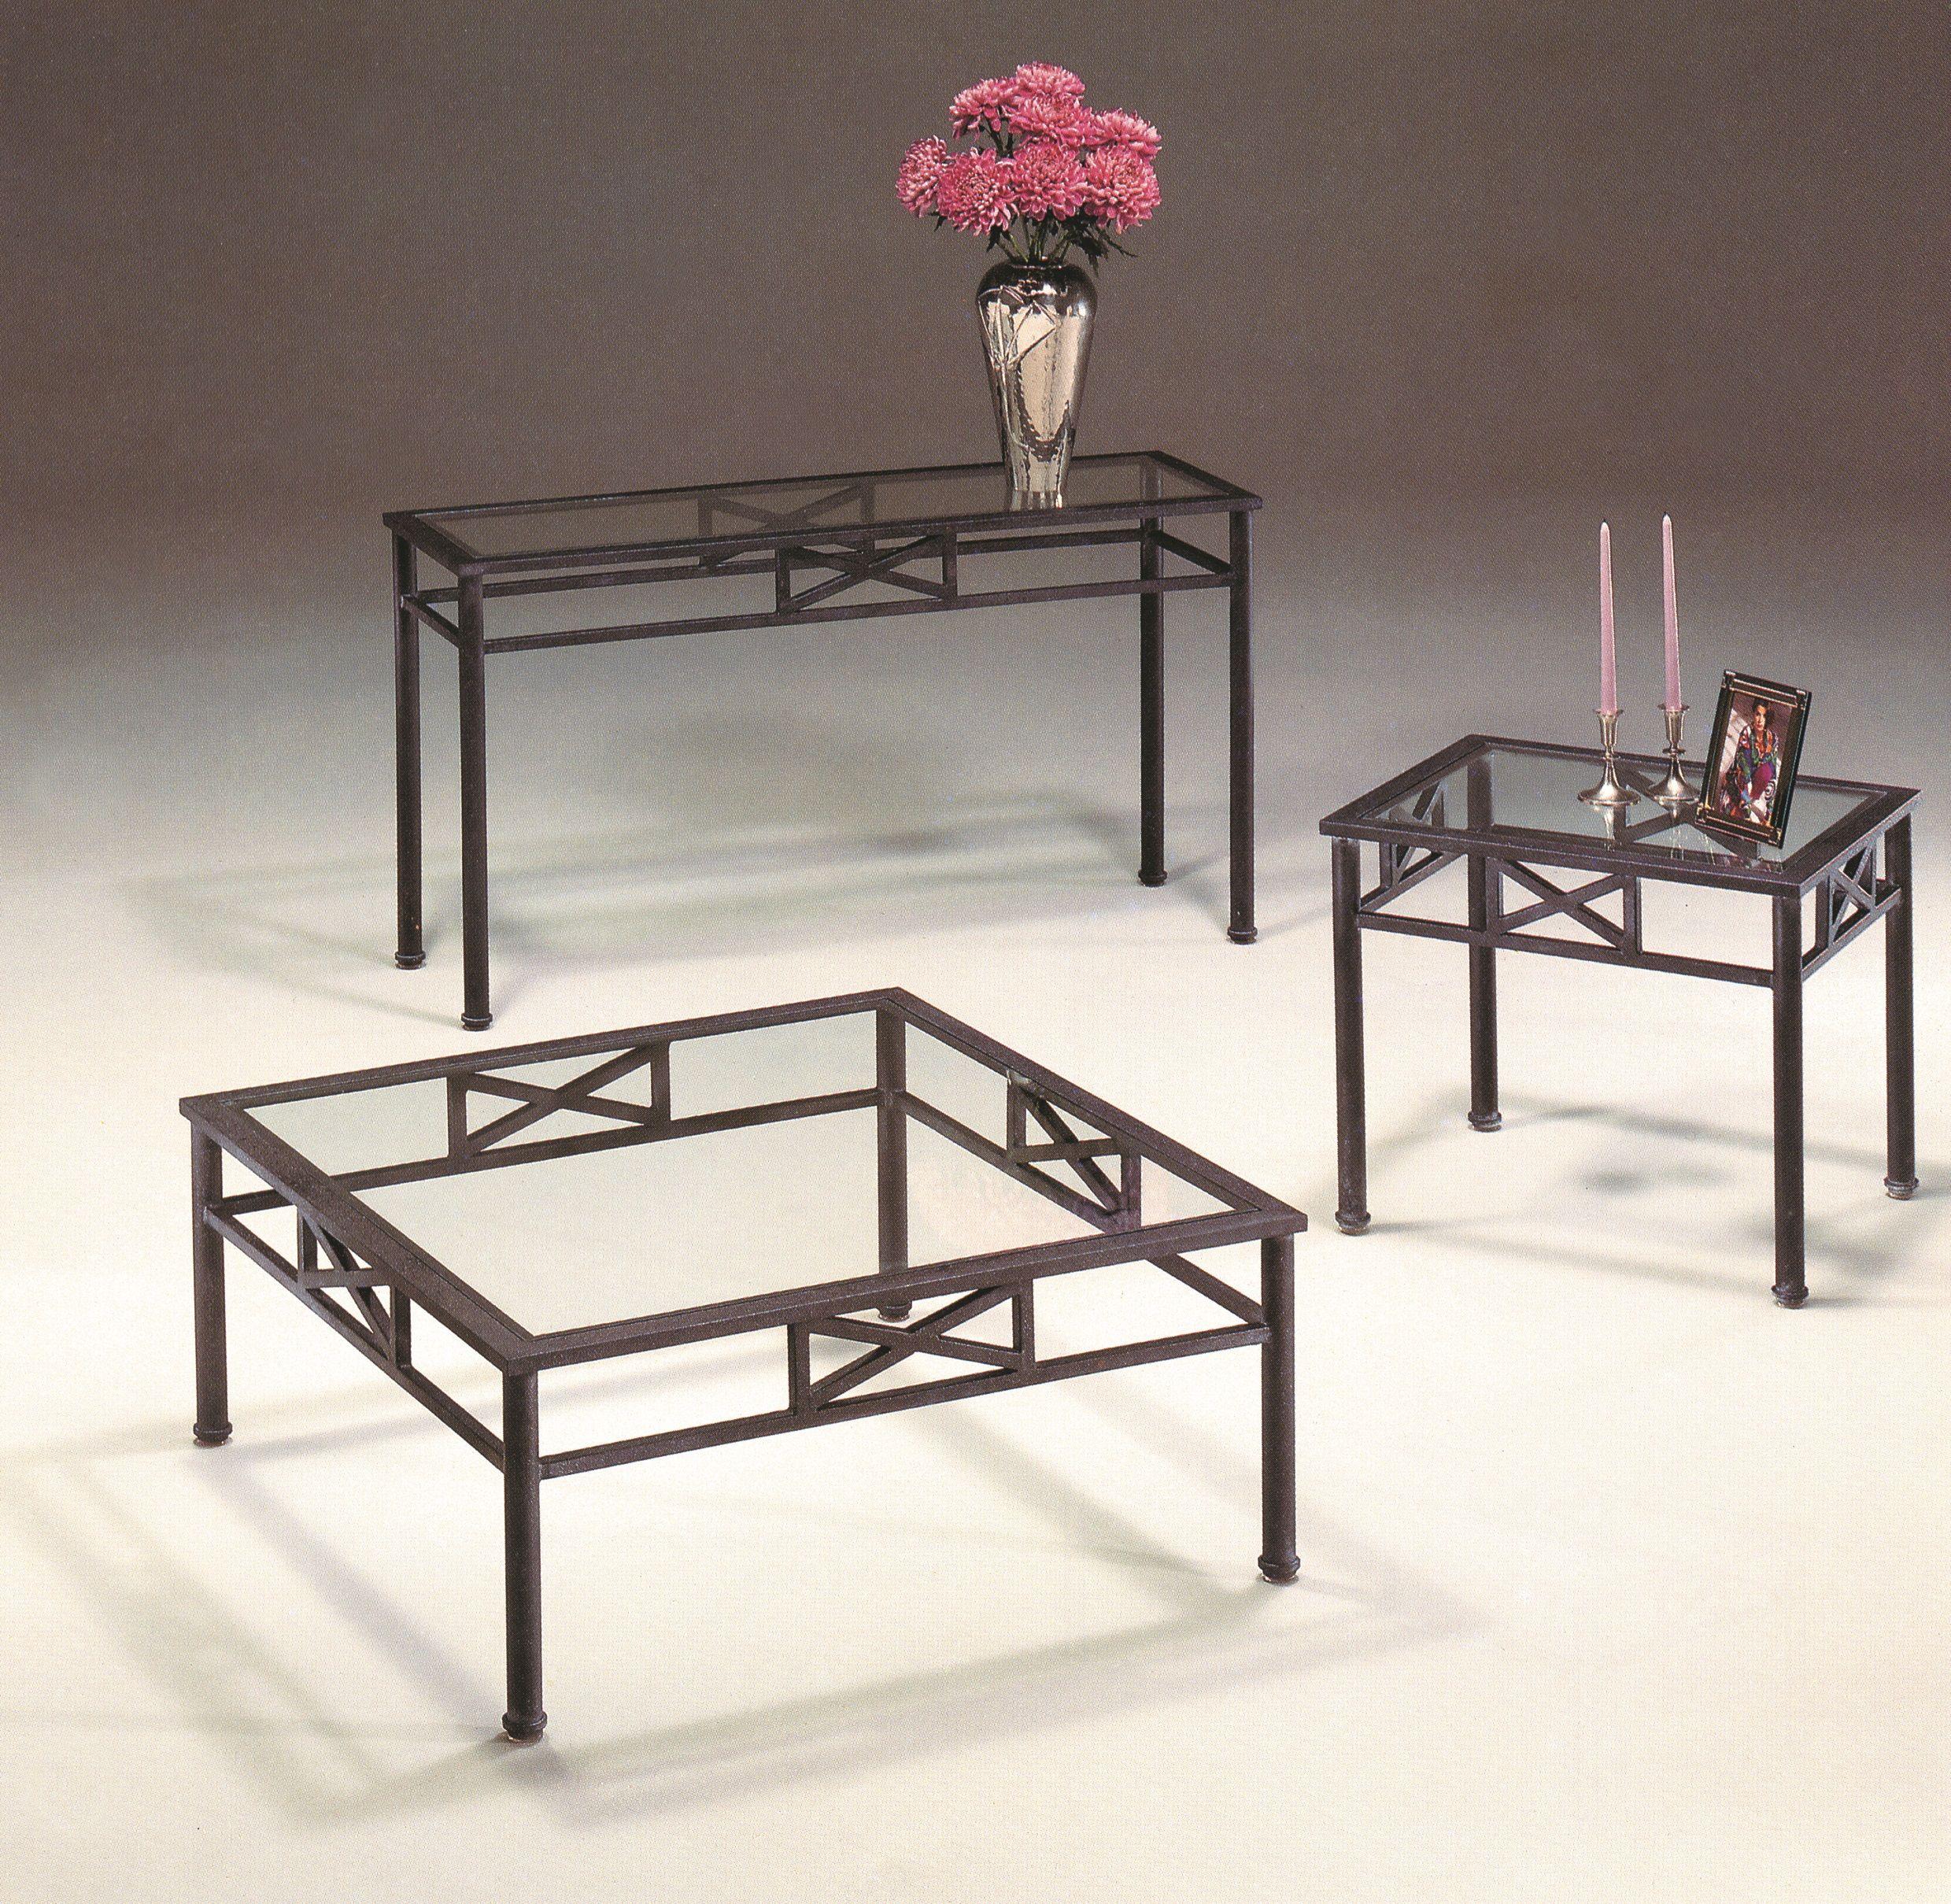 Resultado de imagen para marco para cuadro en metal forjado | METAL ...